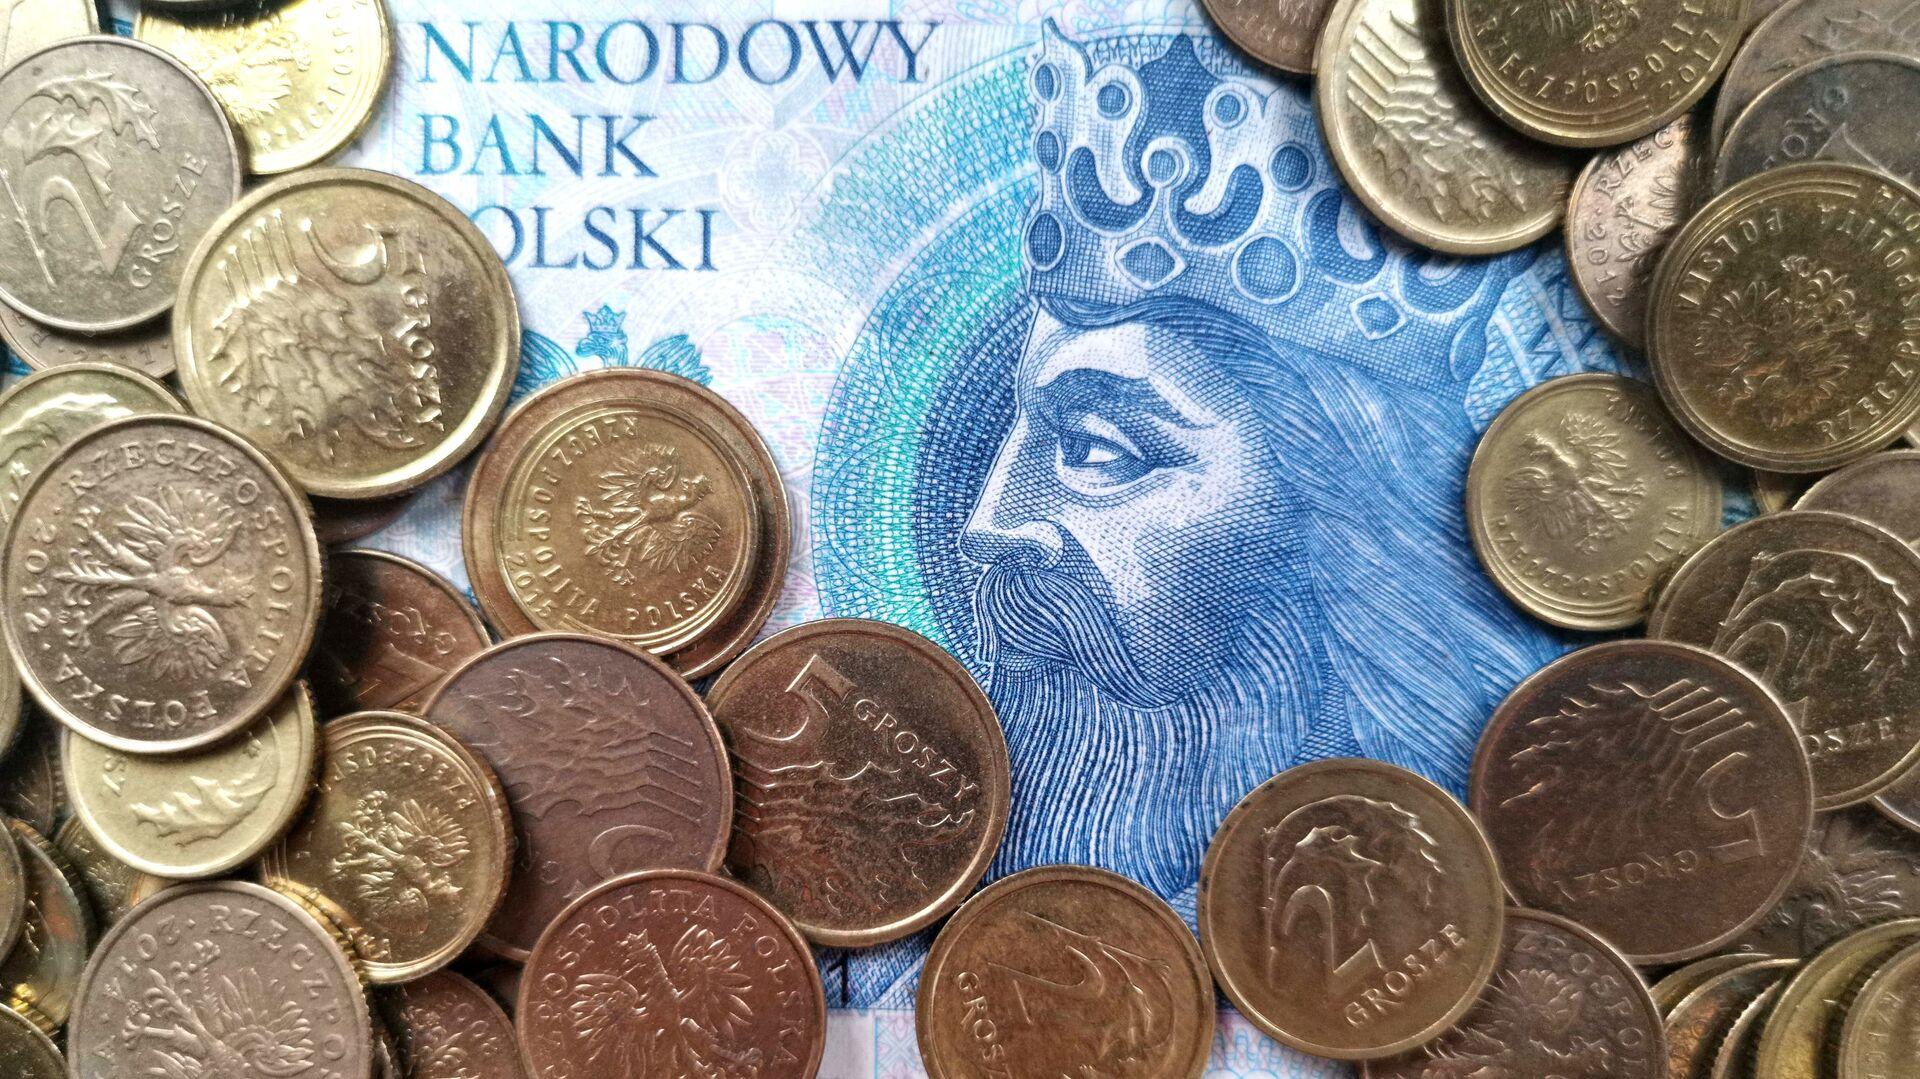 Polskie pieniądze - Sputnik Polska, 1920, 02.03.2021